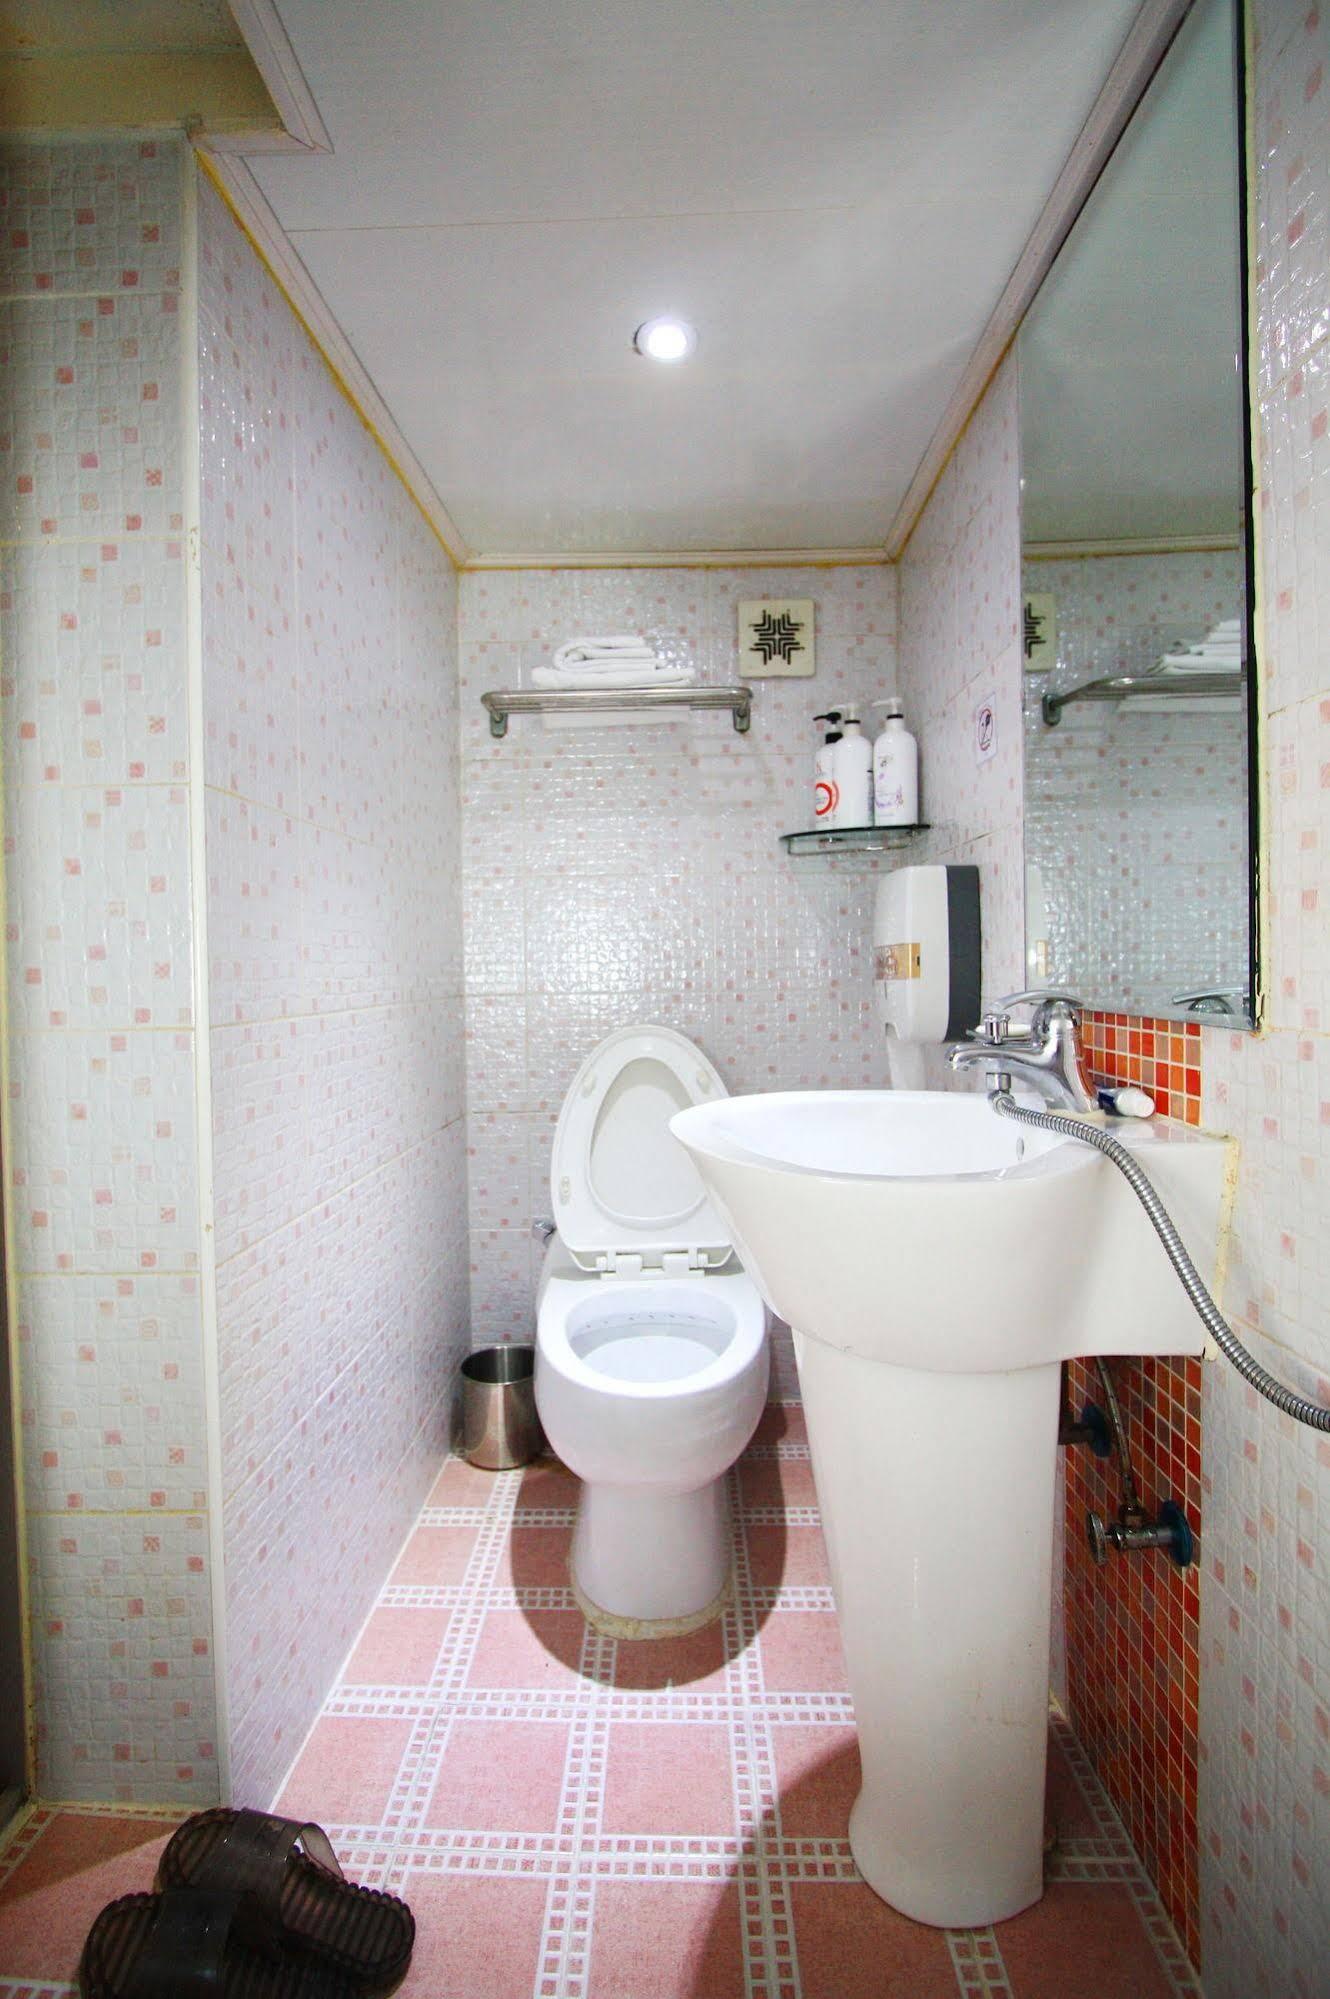 Khaosan Story Mini Hotel